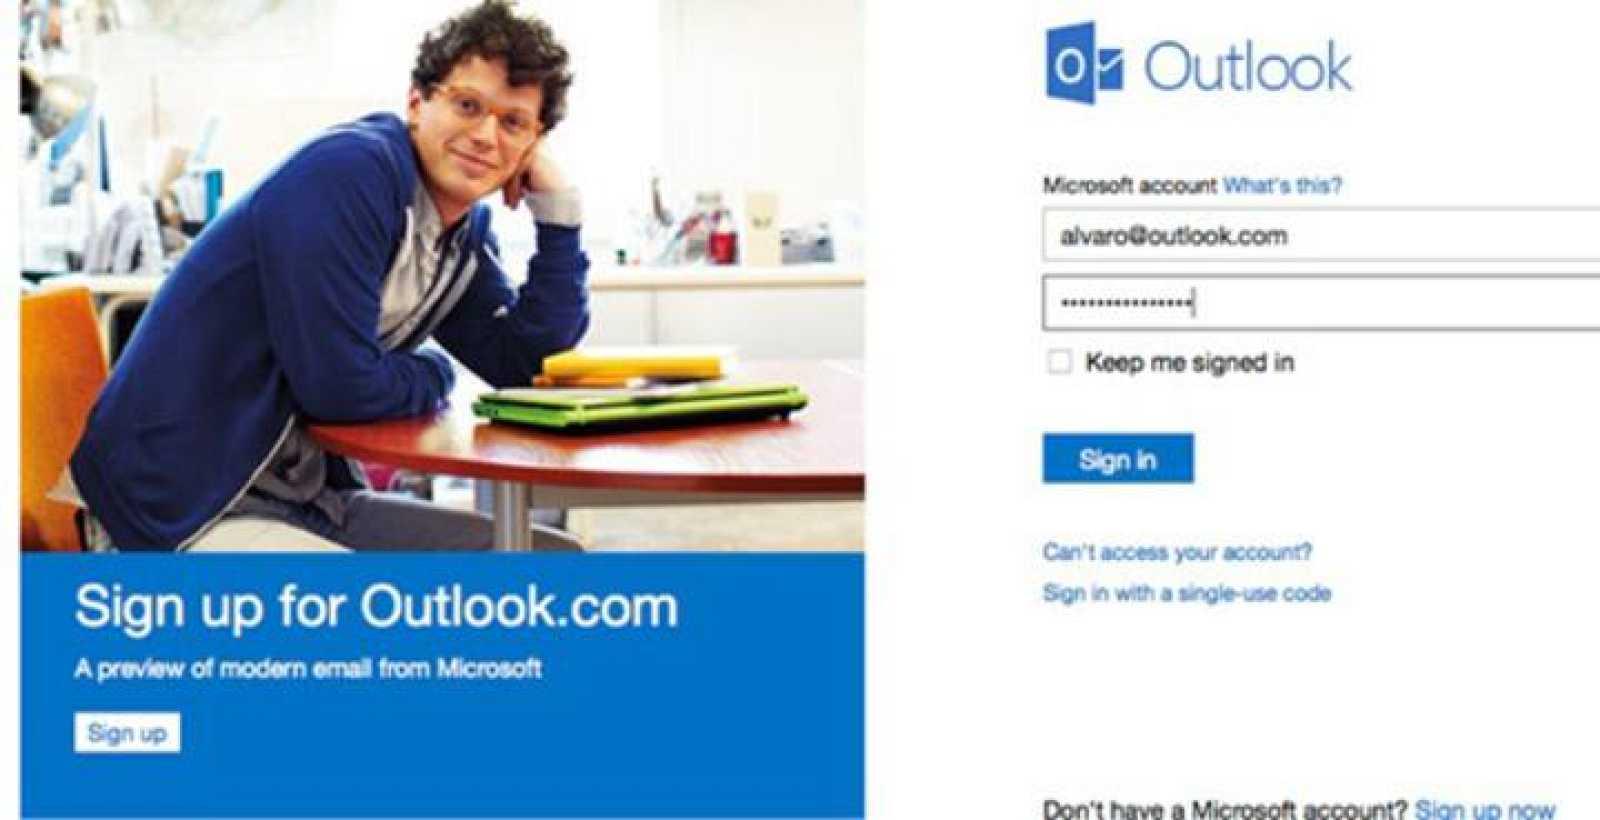 Microsoft dejará de usar el veterano Hotmail por Outlook.com, aunque el antiguo seguirá funcionando